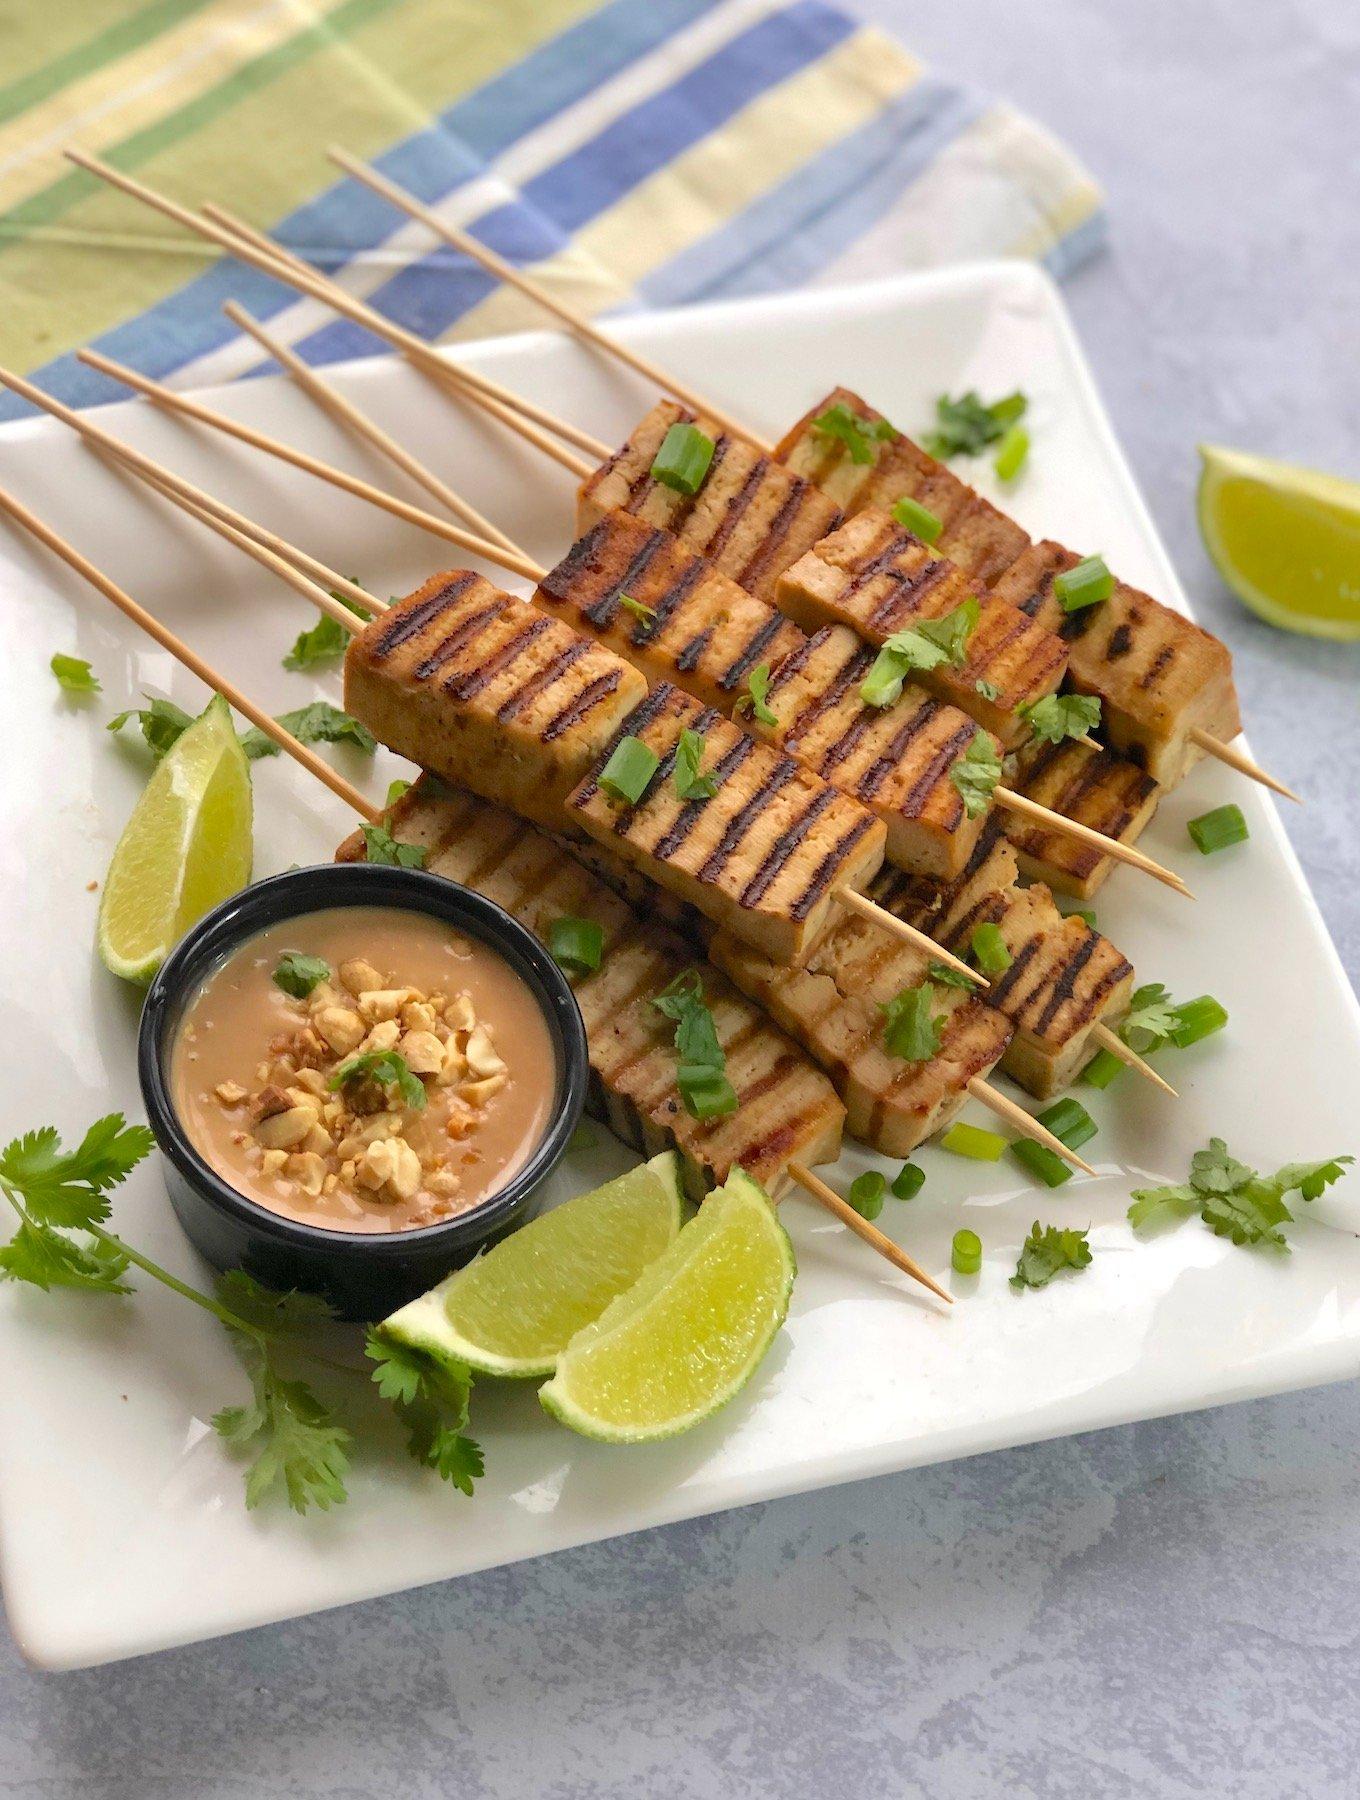 Peanut Satay Skewers made with tofu